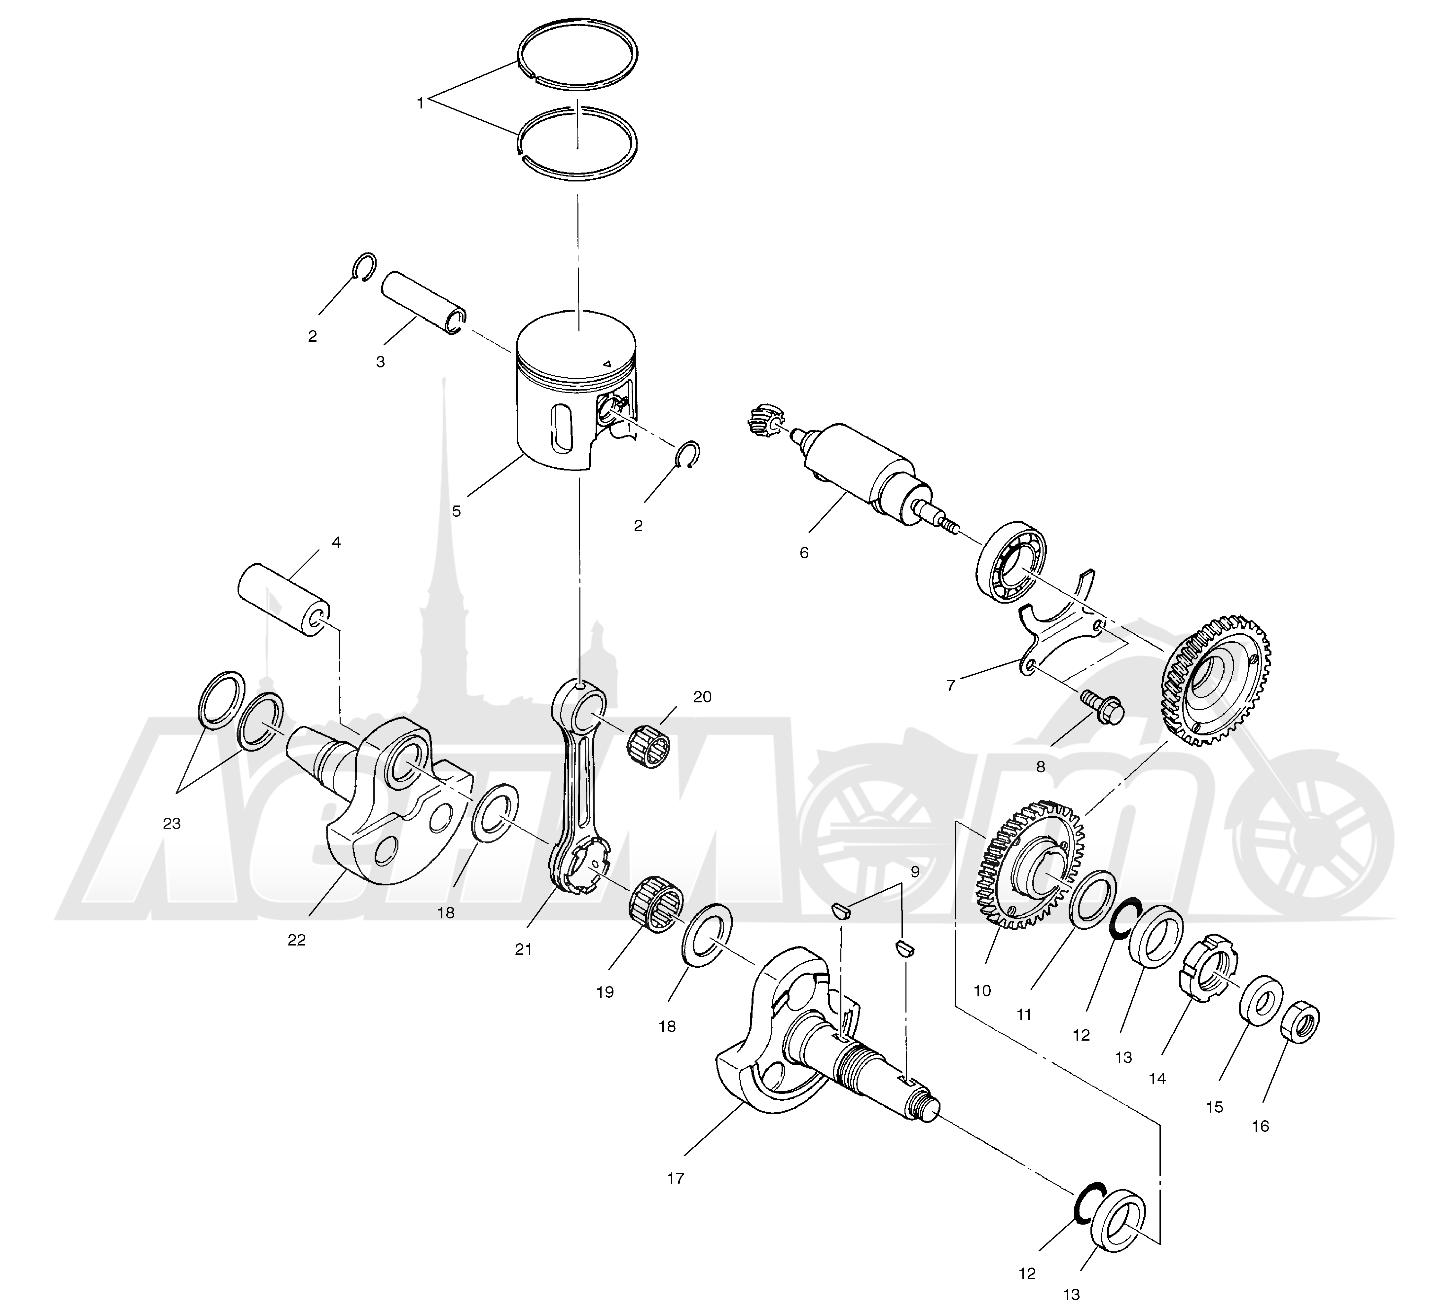 Запчасти для Квадроцикла Polaris 1996 TRAIL BLAZER ES - W967827 Раздел: PISTON AND CRANKSHAFT (SPORT) - W968540 | поршень и коленвал (спорт) W968540